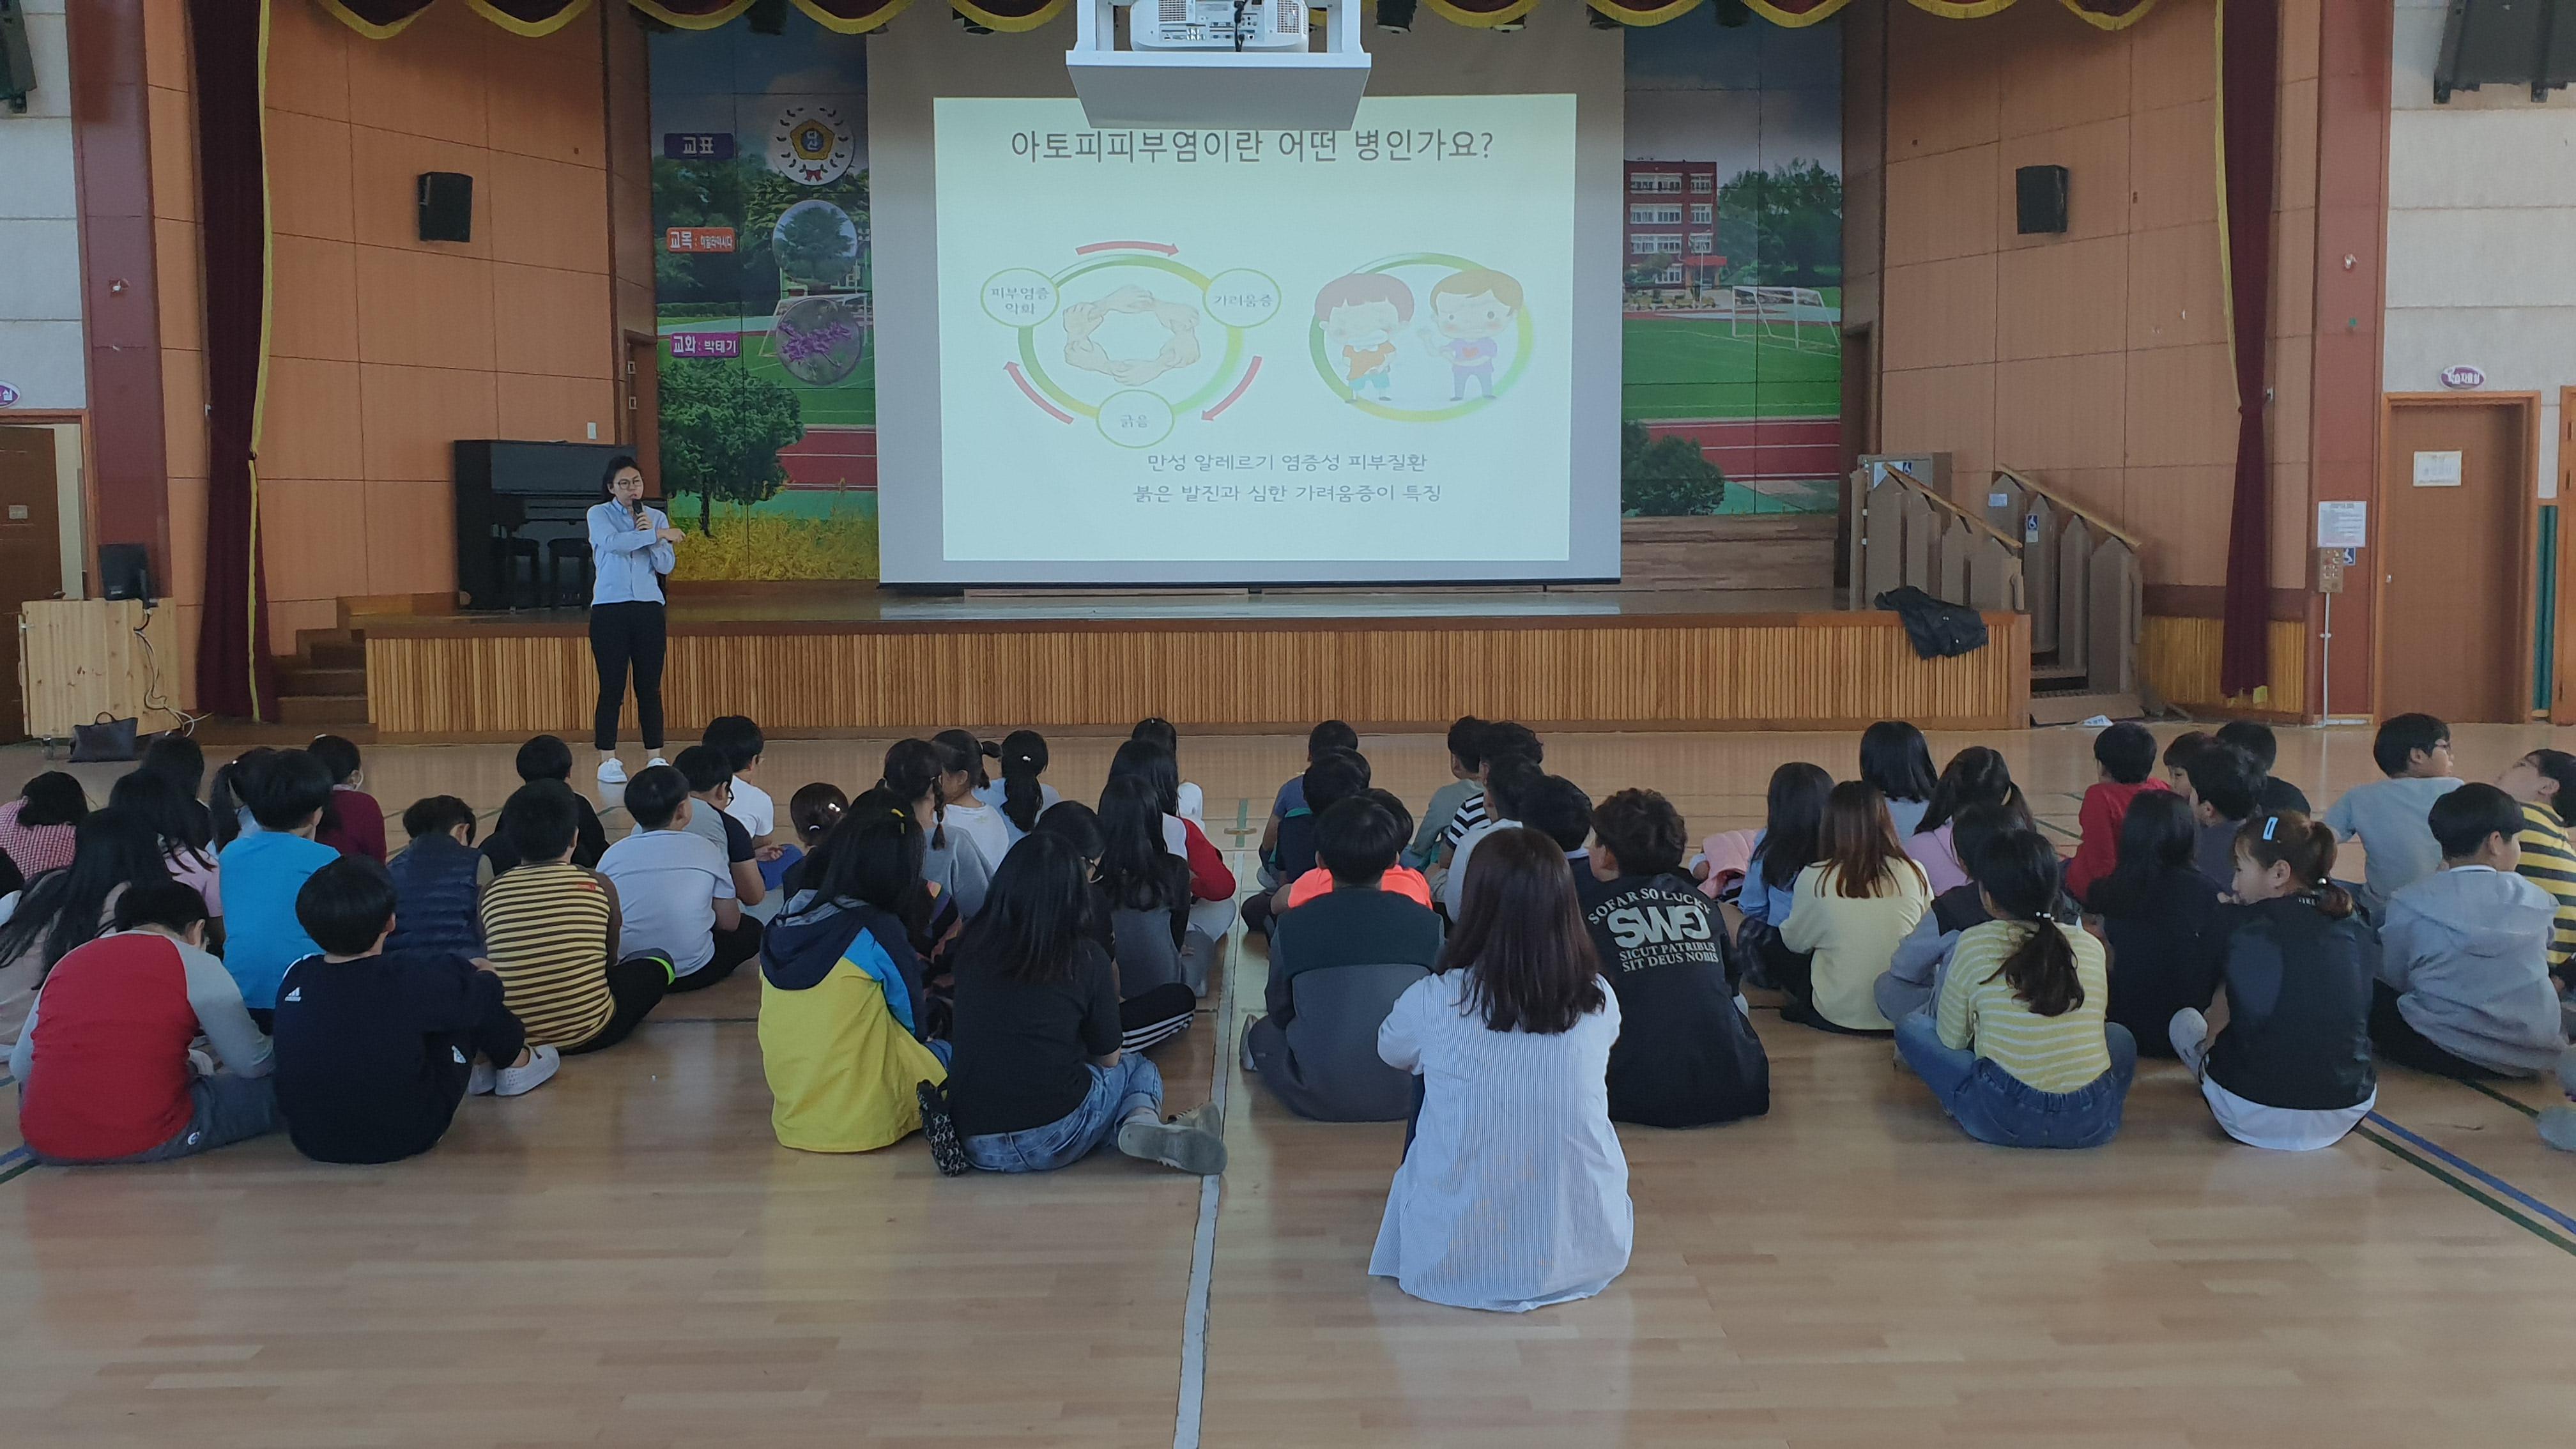 고령군 다산초등학교 학생교육